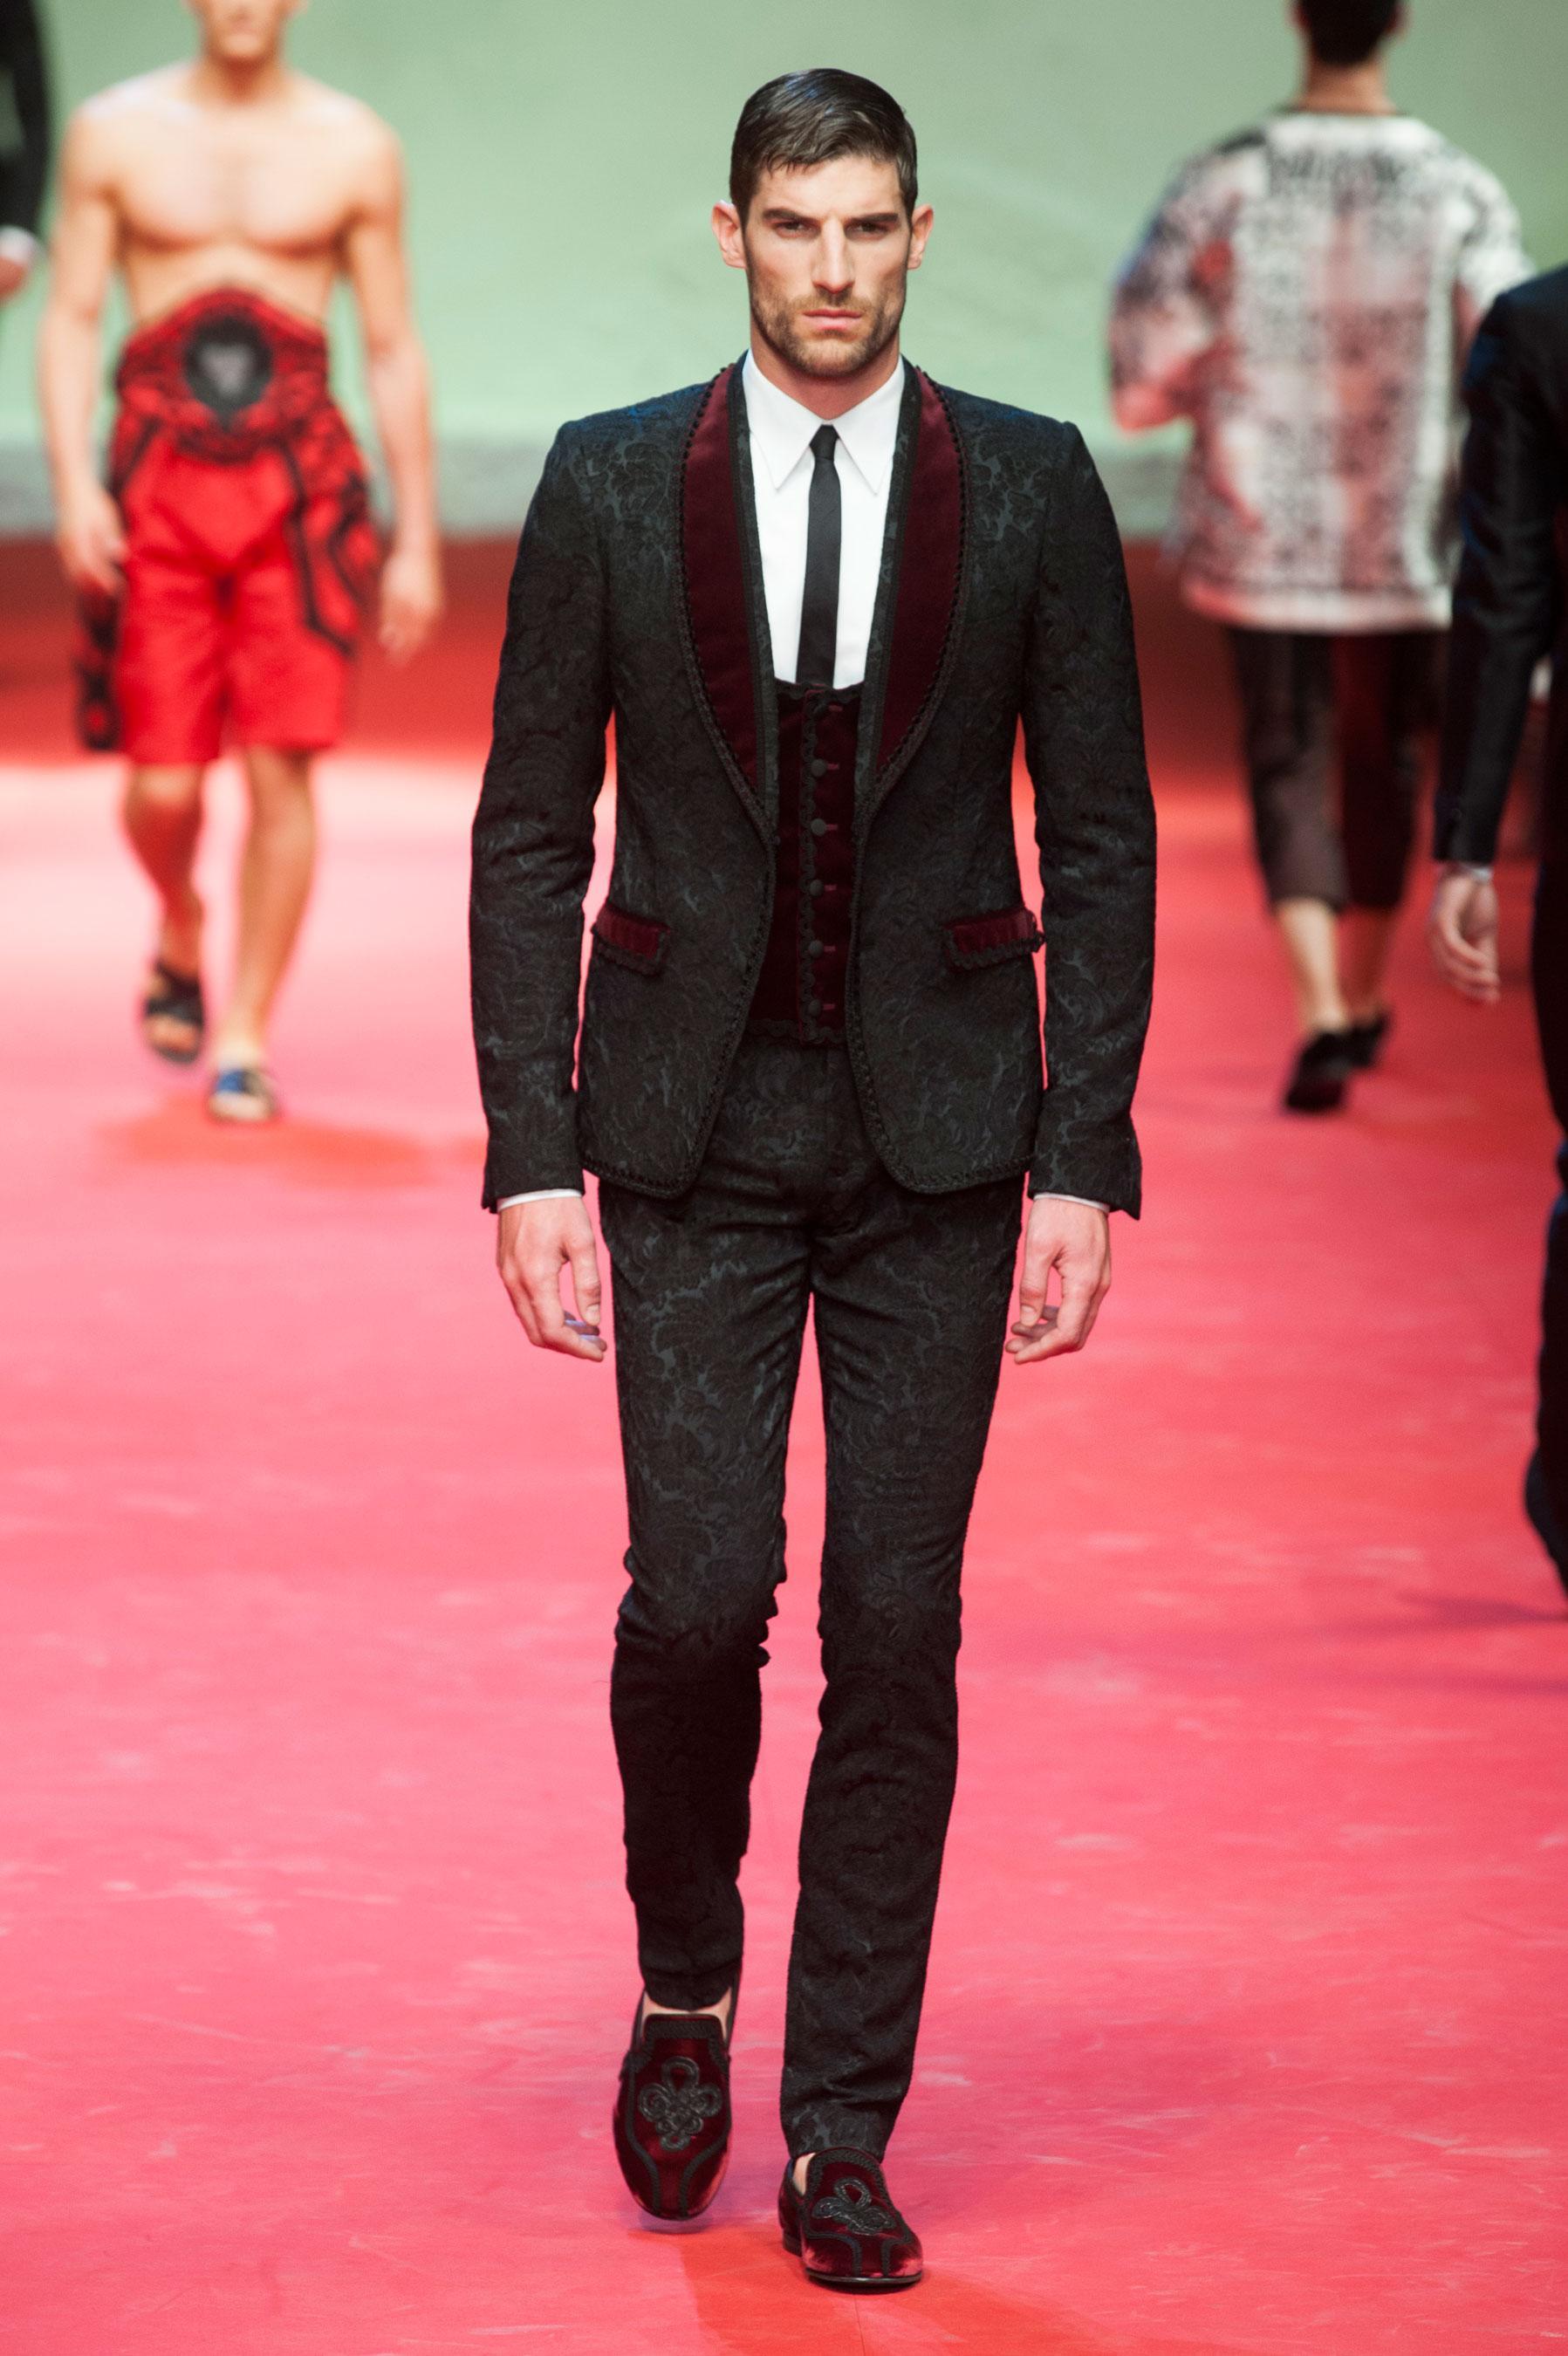 47c30b3b0a ... Défilé Dolce & Gabbana Homme Printemps-été 2015 photo 14 ...